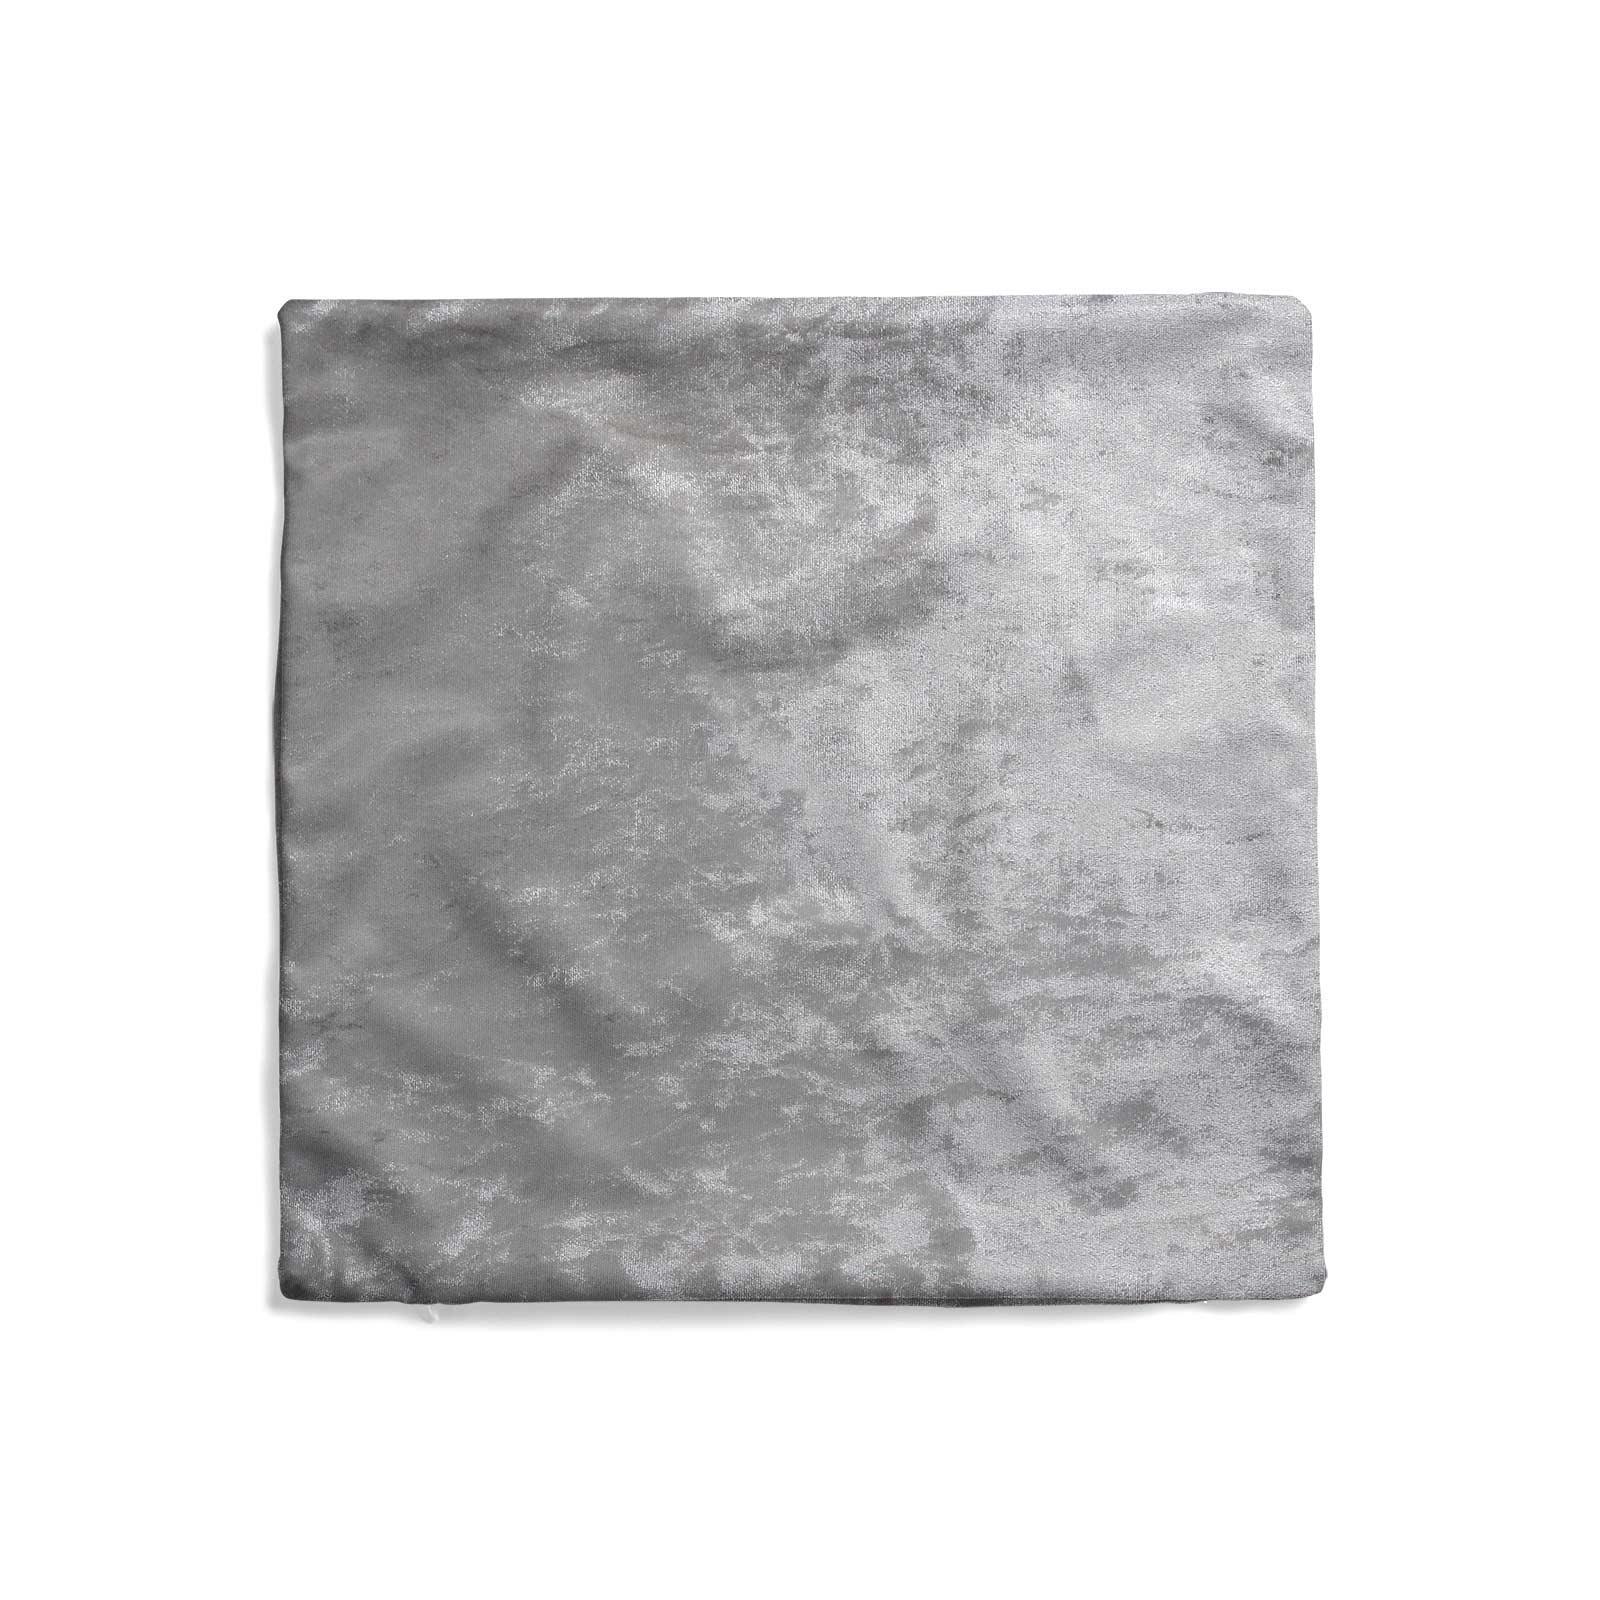 Cuscino-di-velluto-schiacciato-copre-GLAM-Tinta-Unita-Copricuscino-18-034-x-18-034-45cm-x-45cm miniatura 4